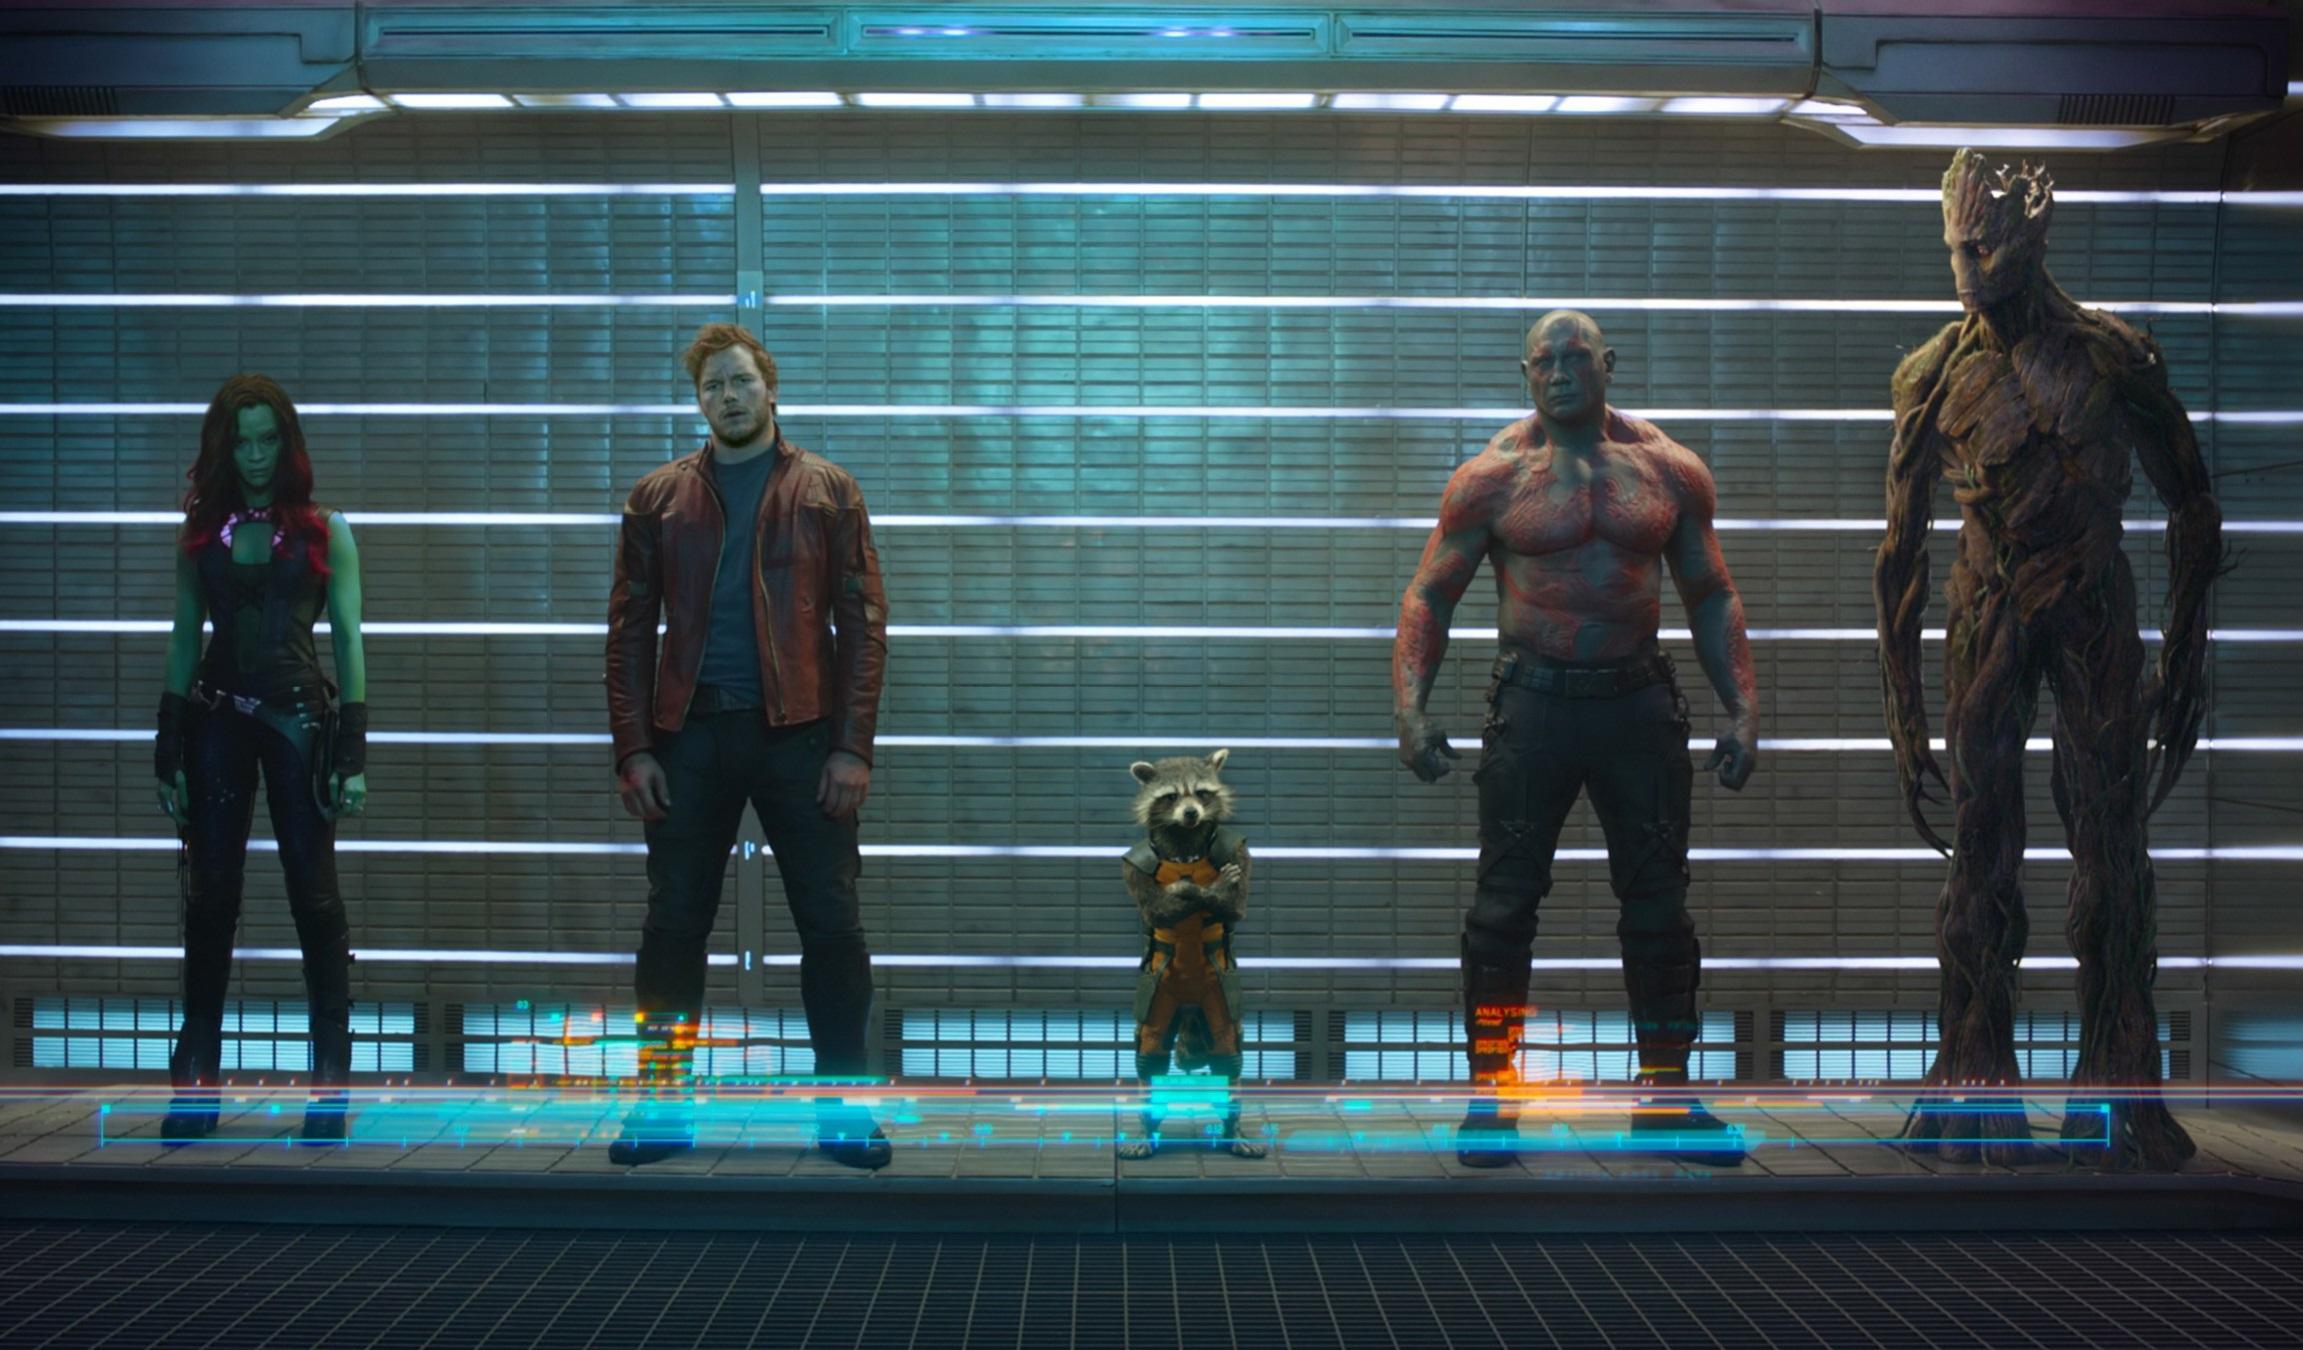 les-gardiens-de-la-galaxie-premiere-image-officielle-film